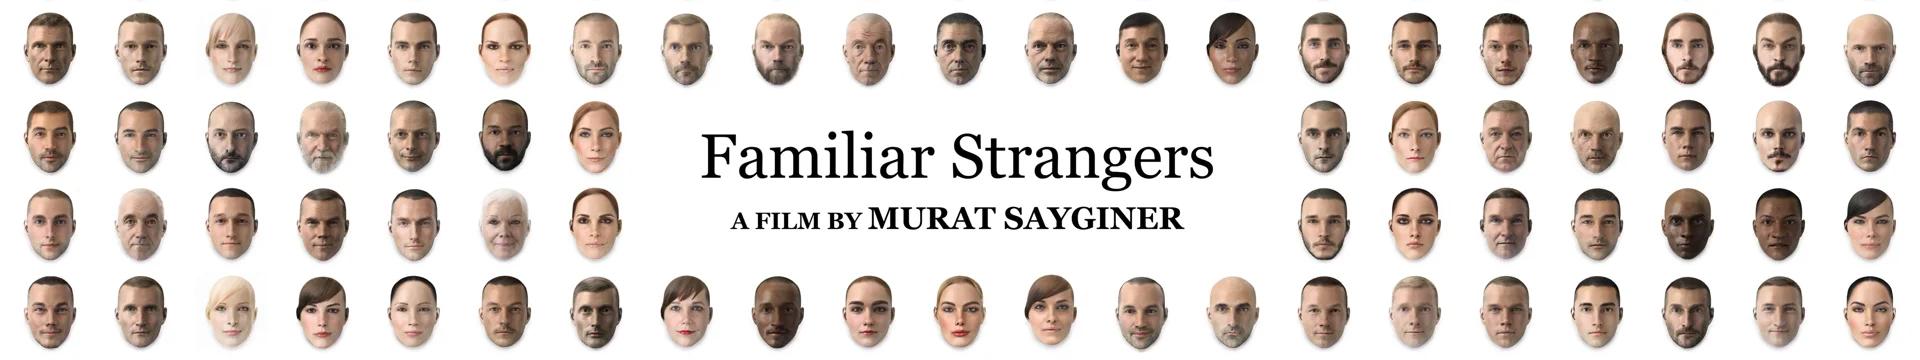 Familiar Strangers. Image Credit: Murat Sayginer.